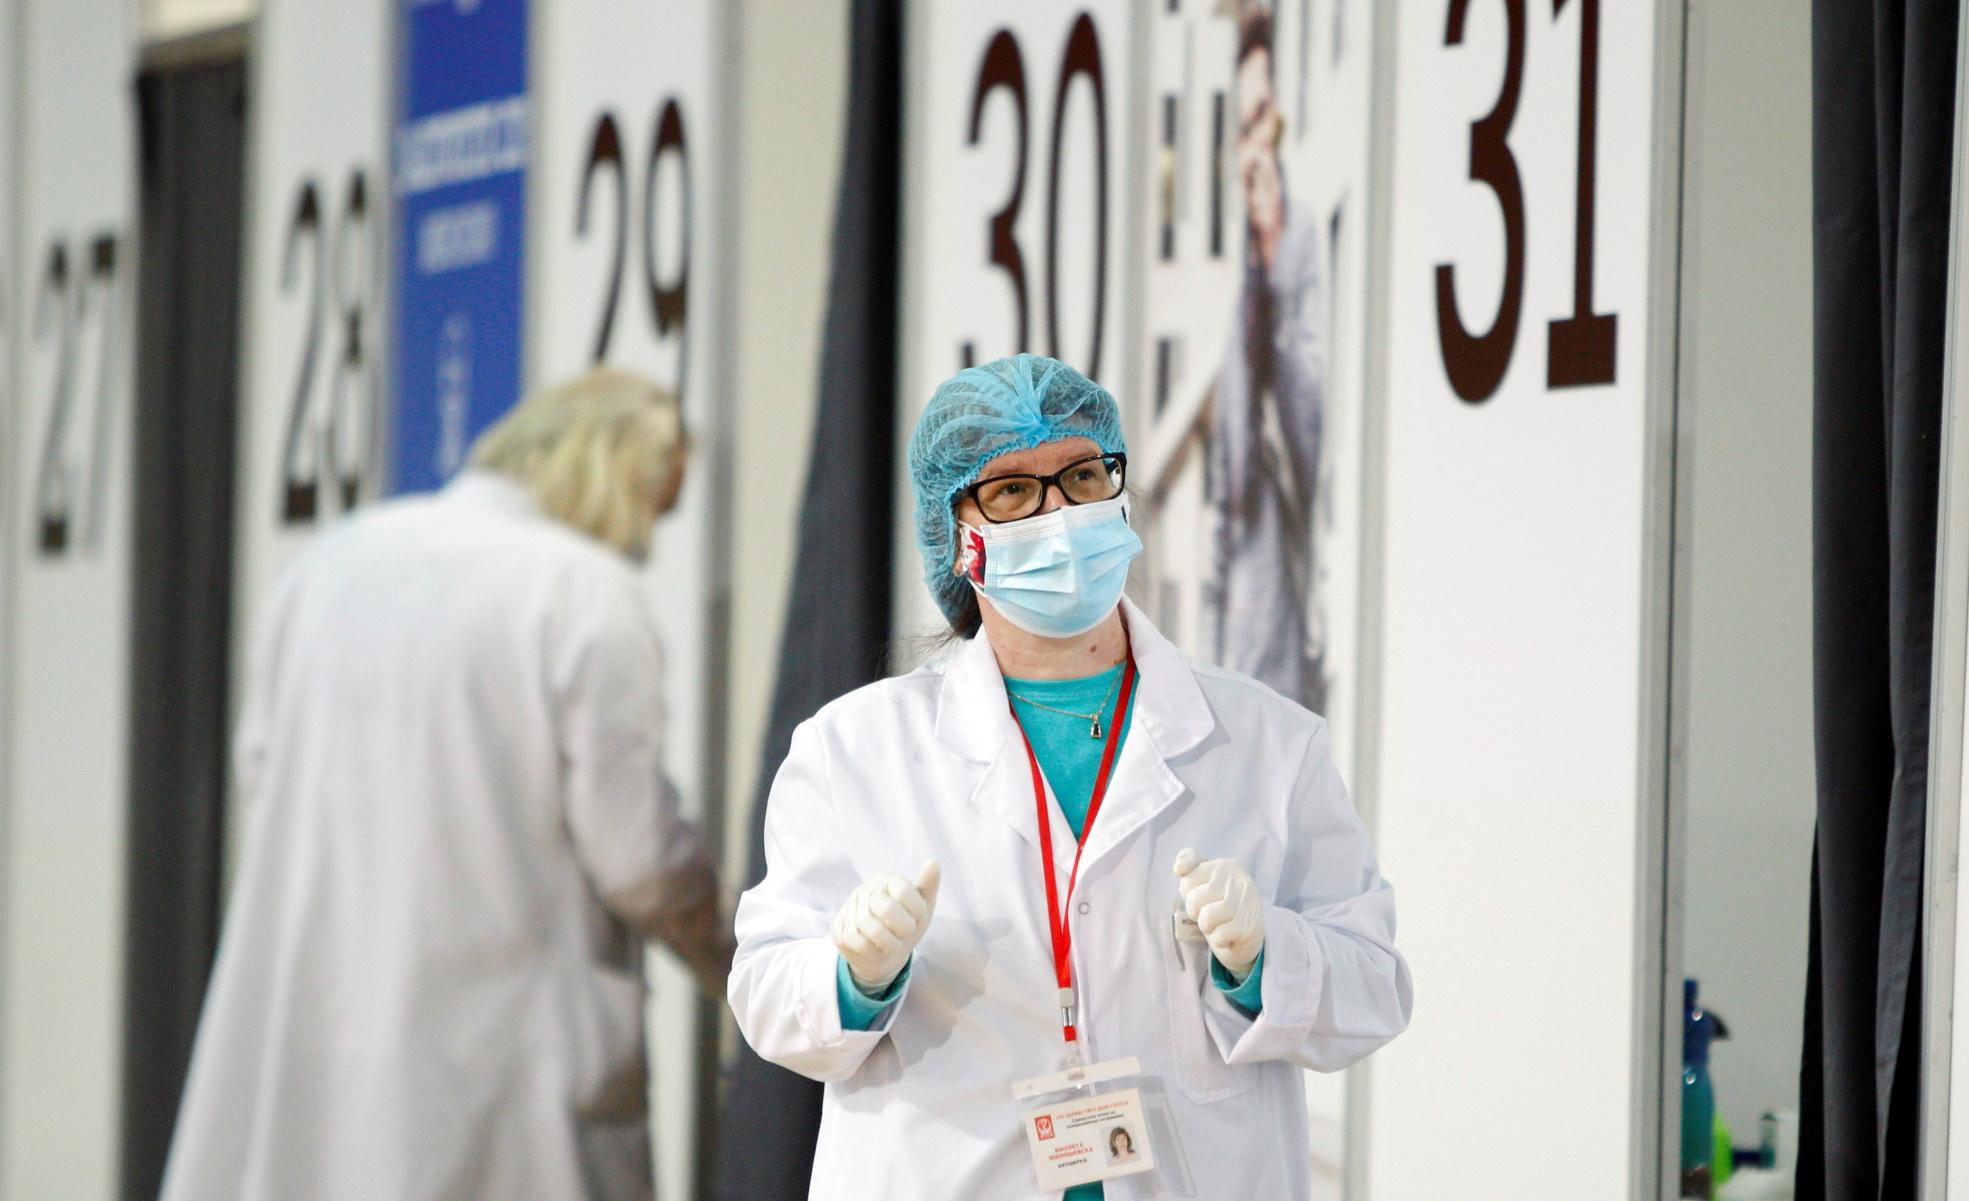 Κορονοϊός – Ρωσία: 102.000 συνολικά οι θάνατοι και 4.607.000 τα κρούσματα